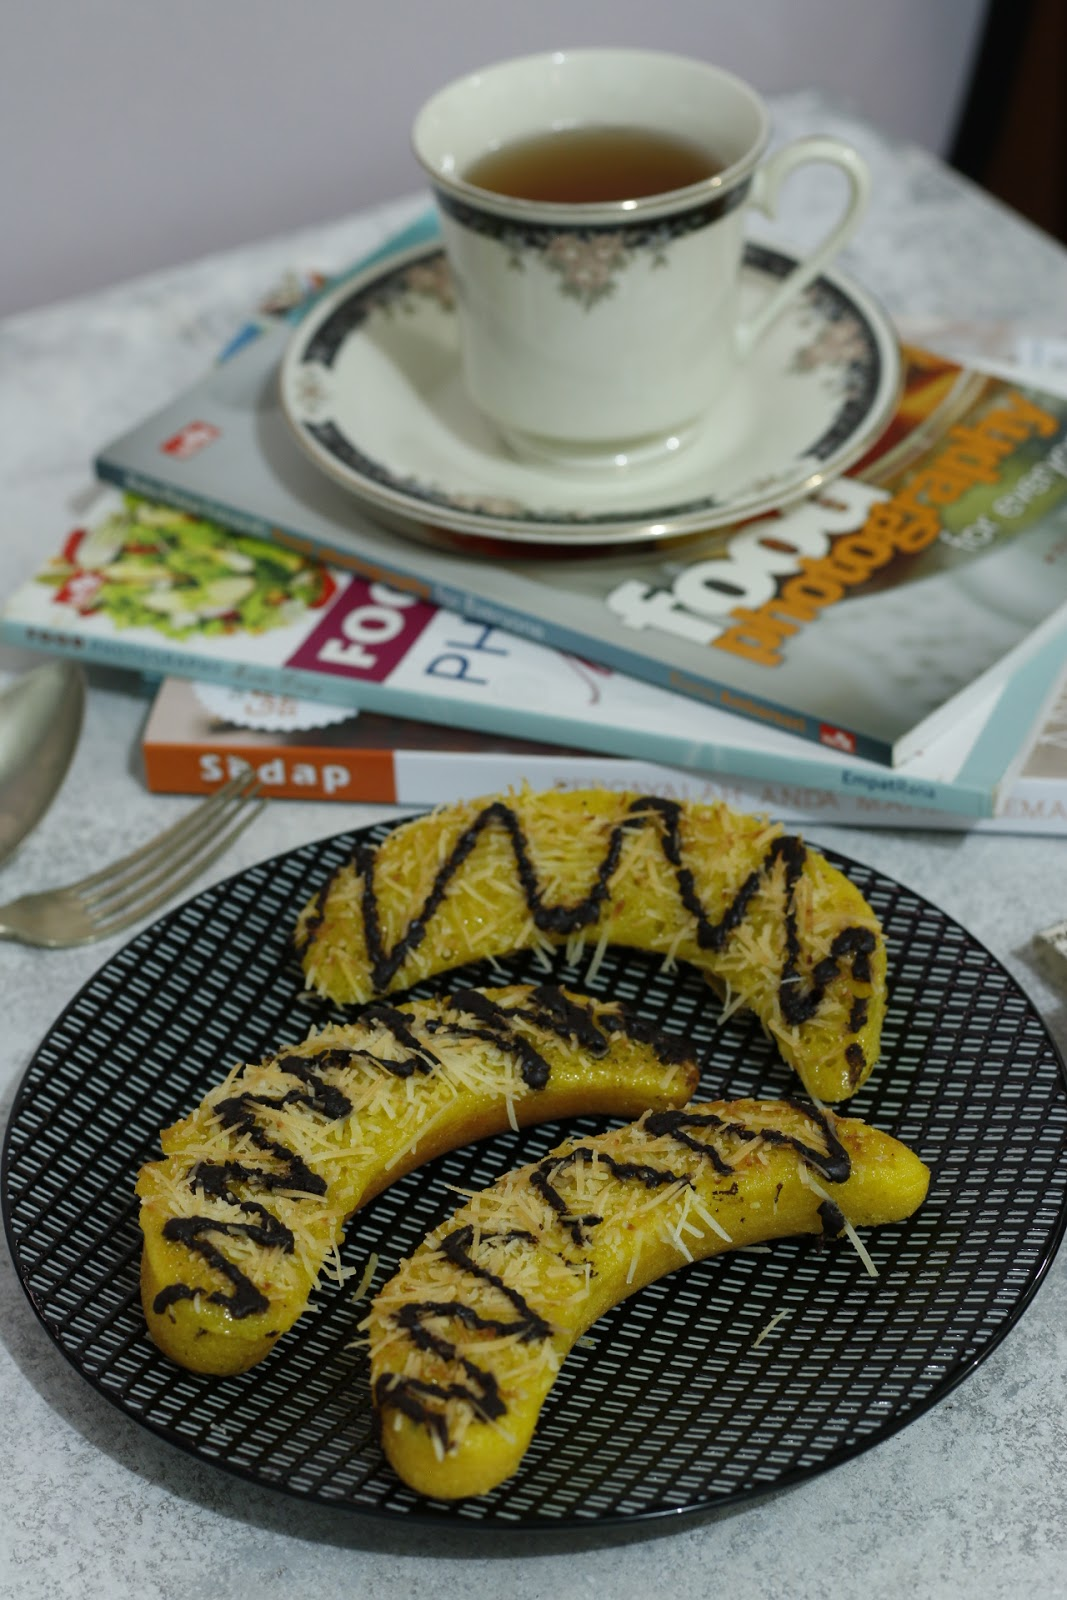 wisata kuliner Bogor; oleh-oleh khas Bogor